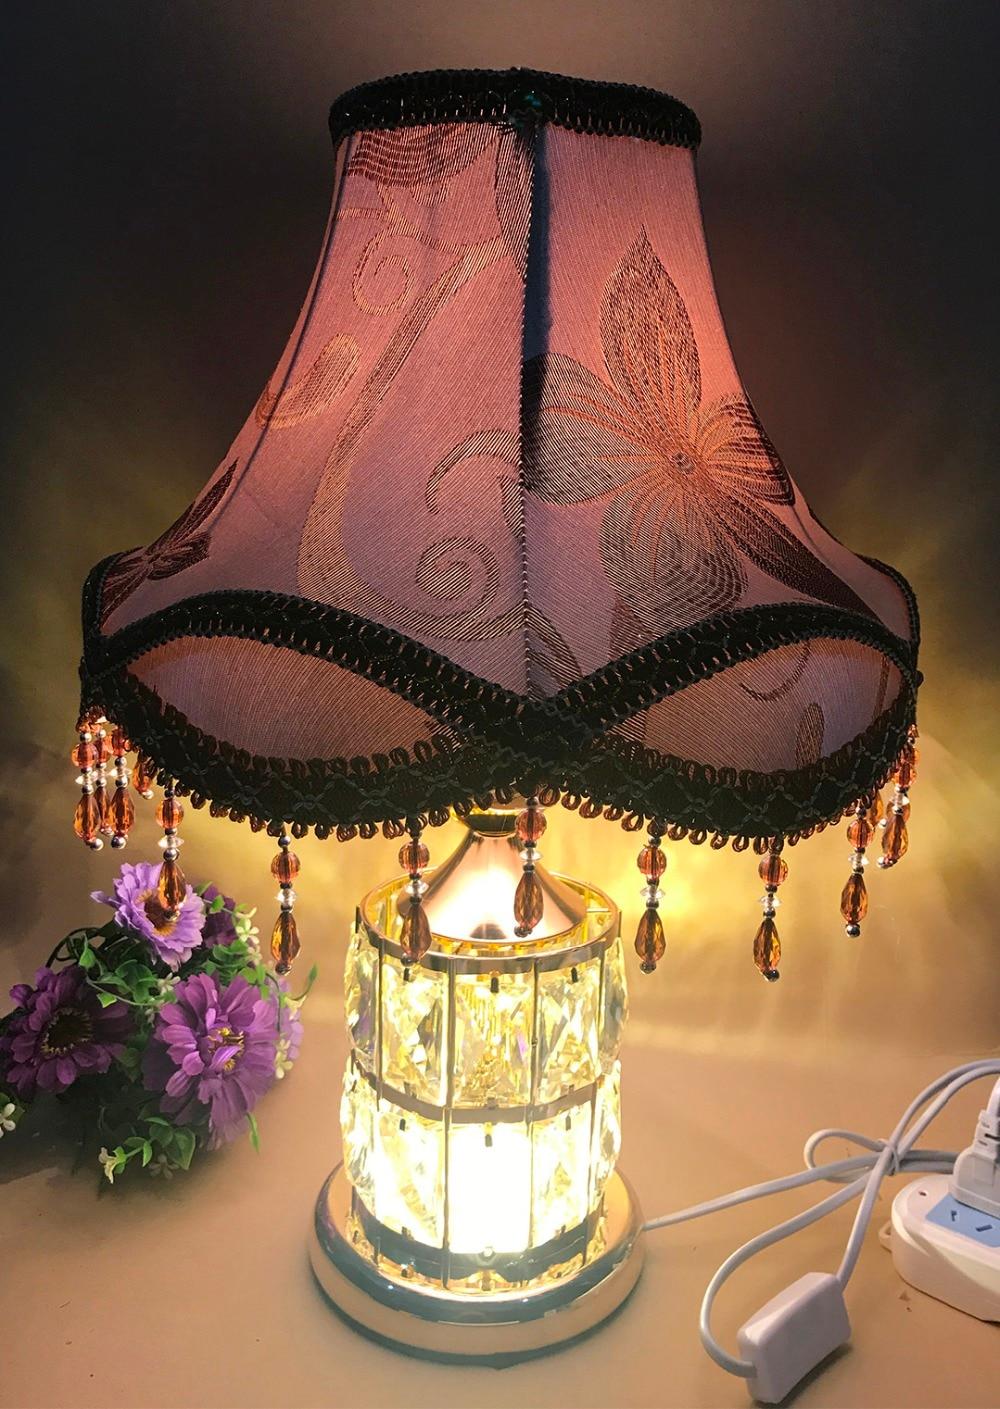 new modle Modern european design T016  k9 Crystal led Table Lamp for living room /bedroom bedside table  lamp decorative автоинструменты new design autocom cdp 2014 2 3in1 led ds150